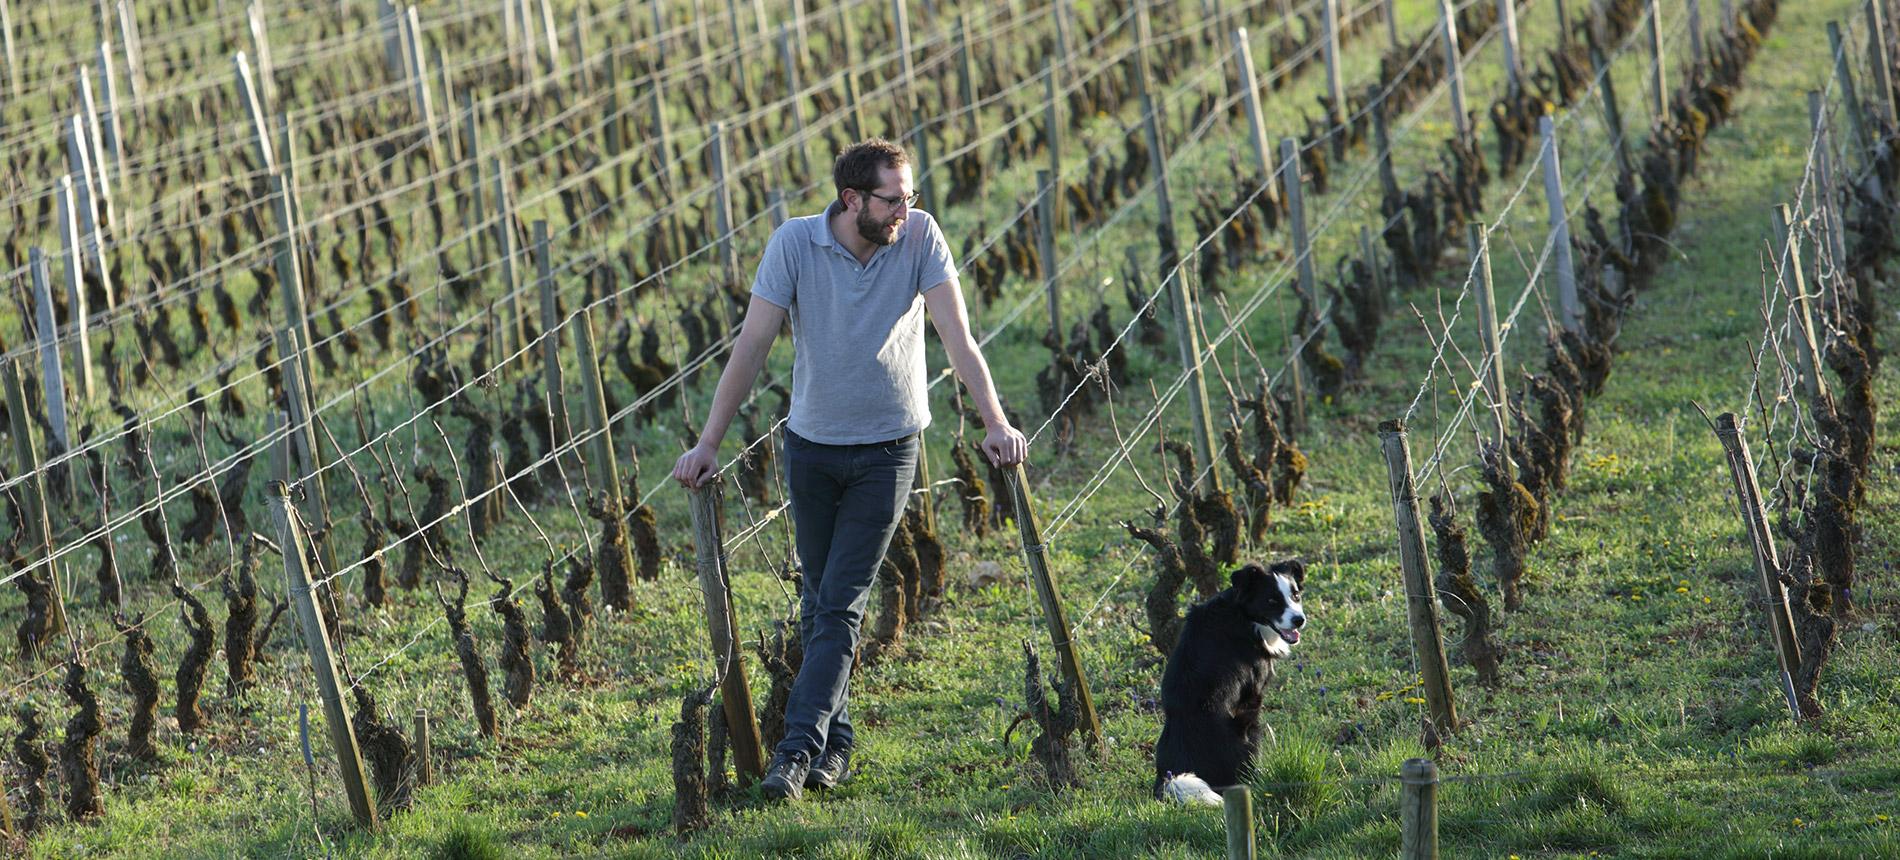 Winemaker Antoine Lienhardt ©Clay McLachlan of Claypix